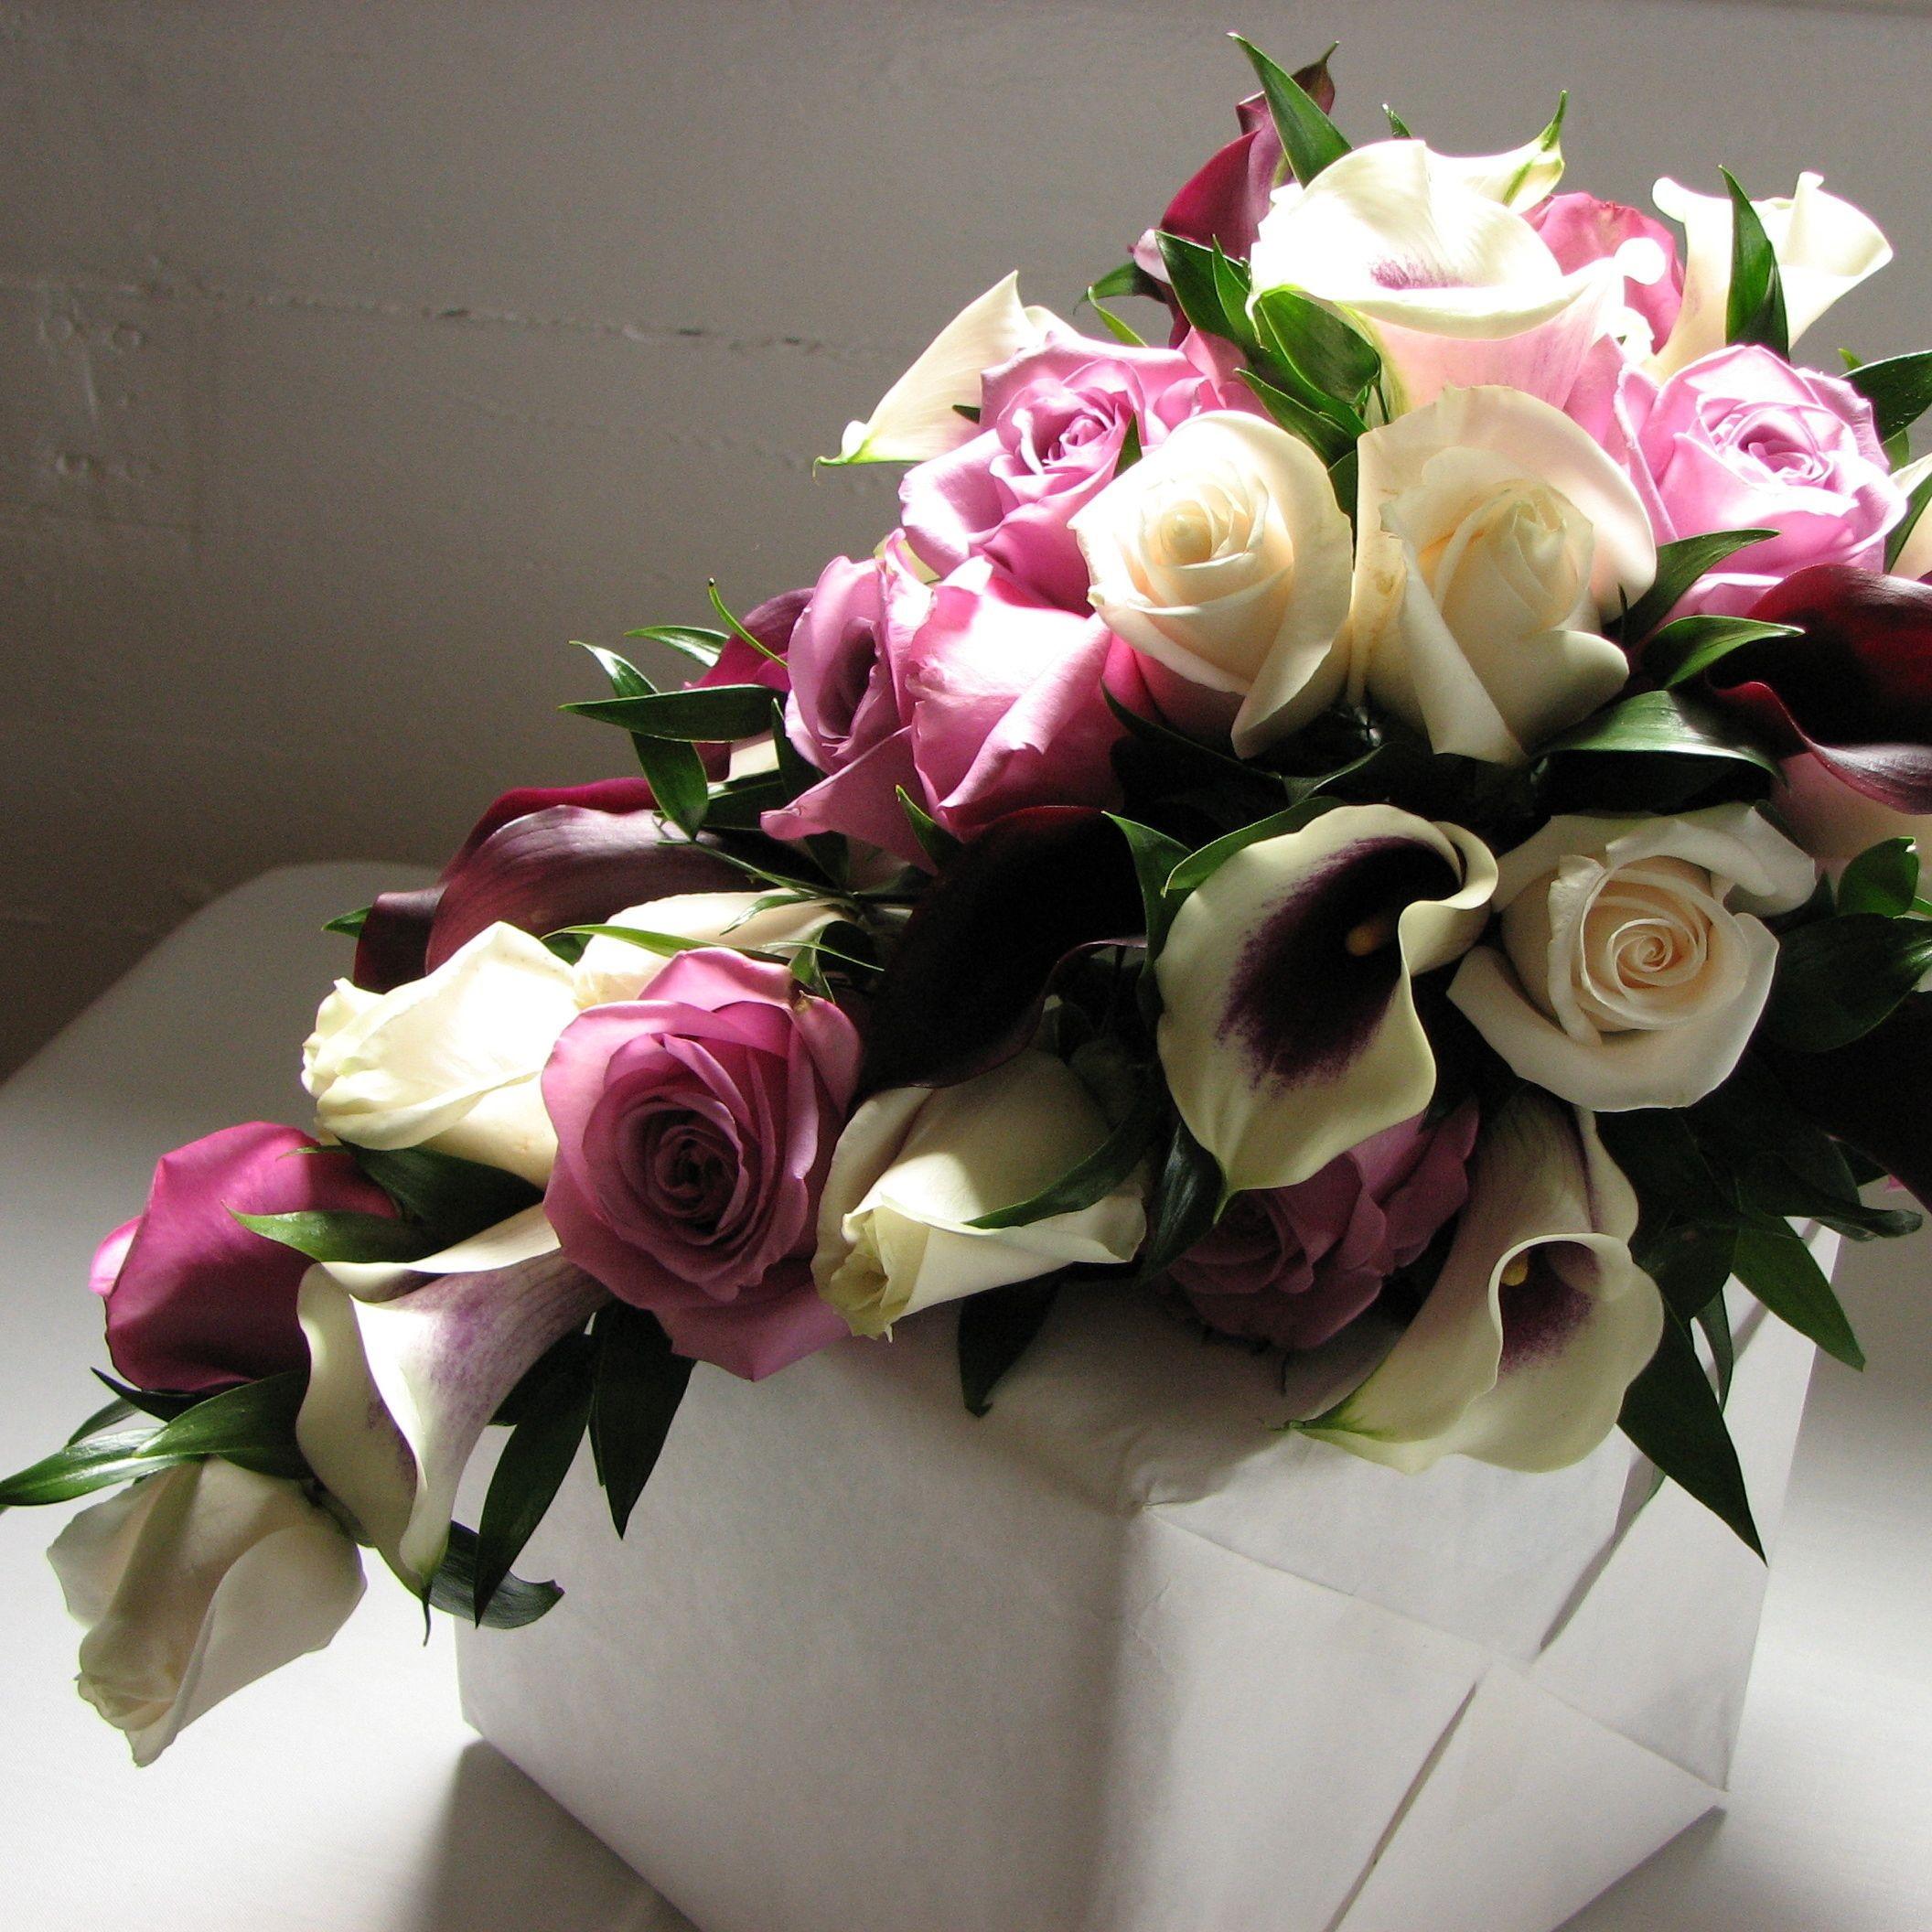 Golocalpdx didis manners etiquette dating etiquette update golocalpdx didis manners etiquette dating etiquette update modern weddings izmirmasajfo